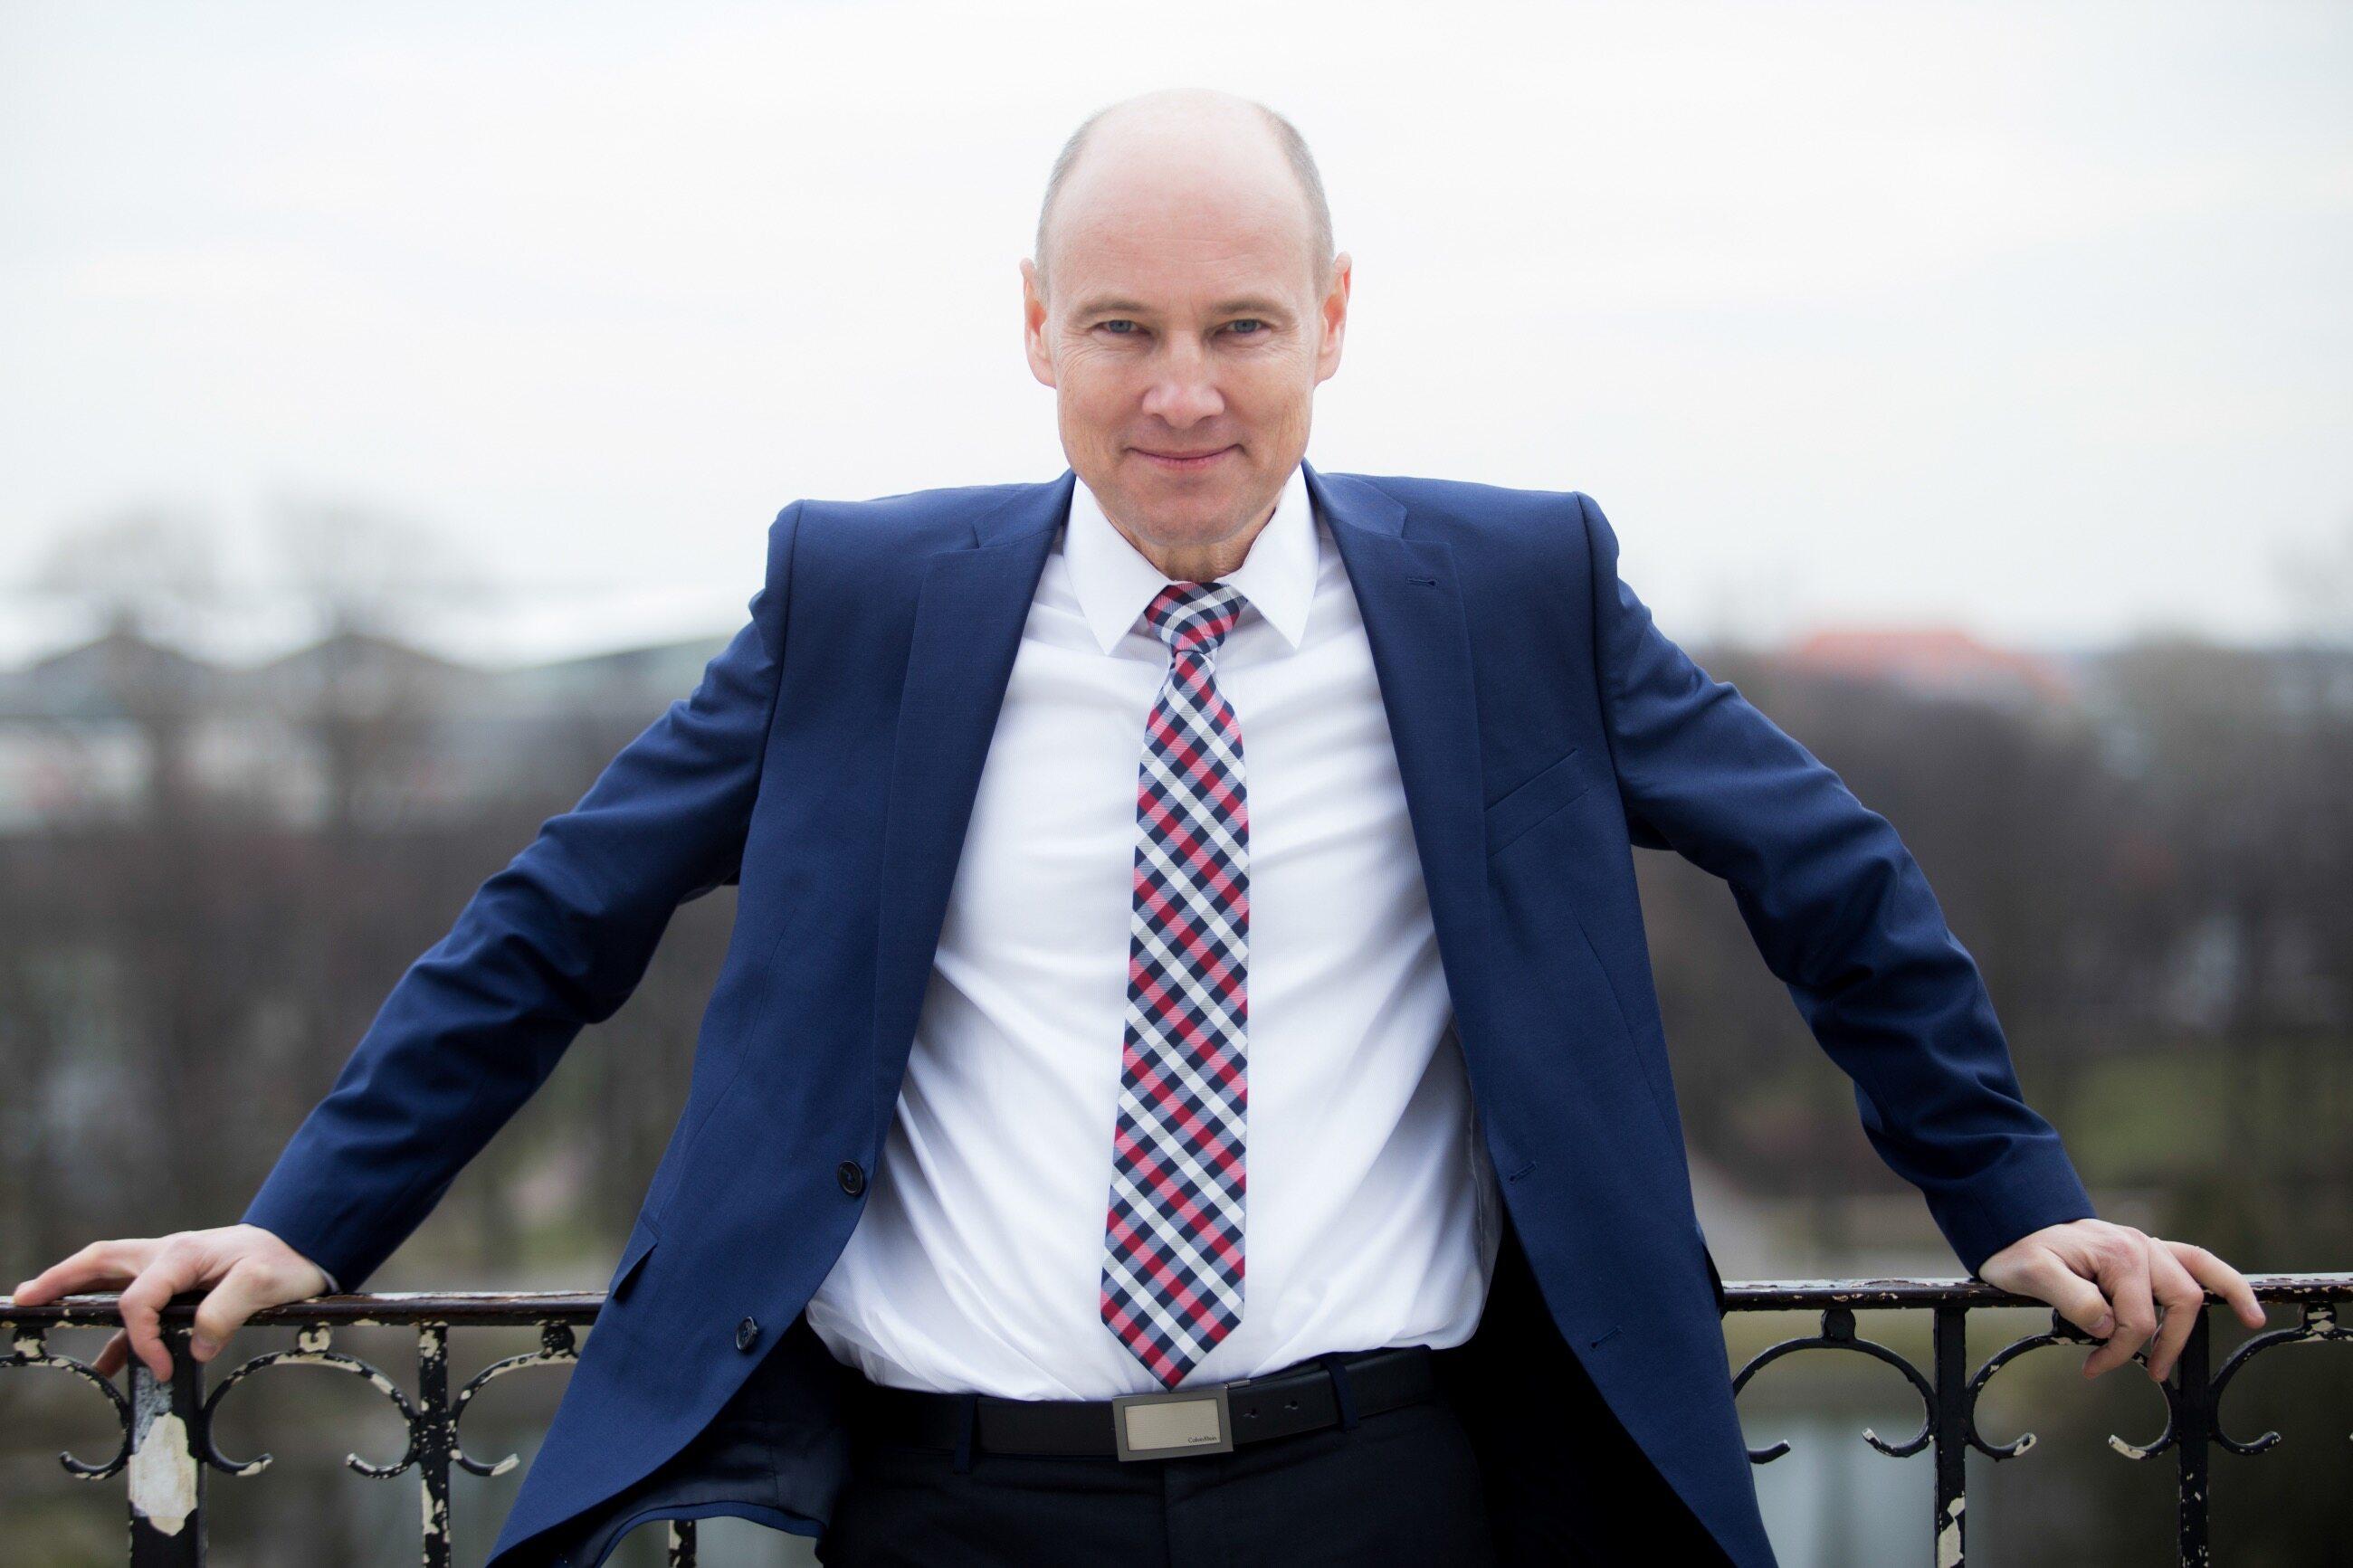 Dr Tadeusz Oleszczuk